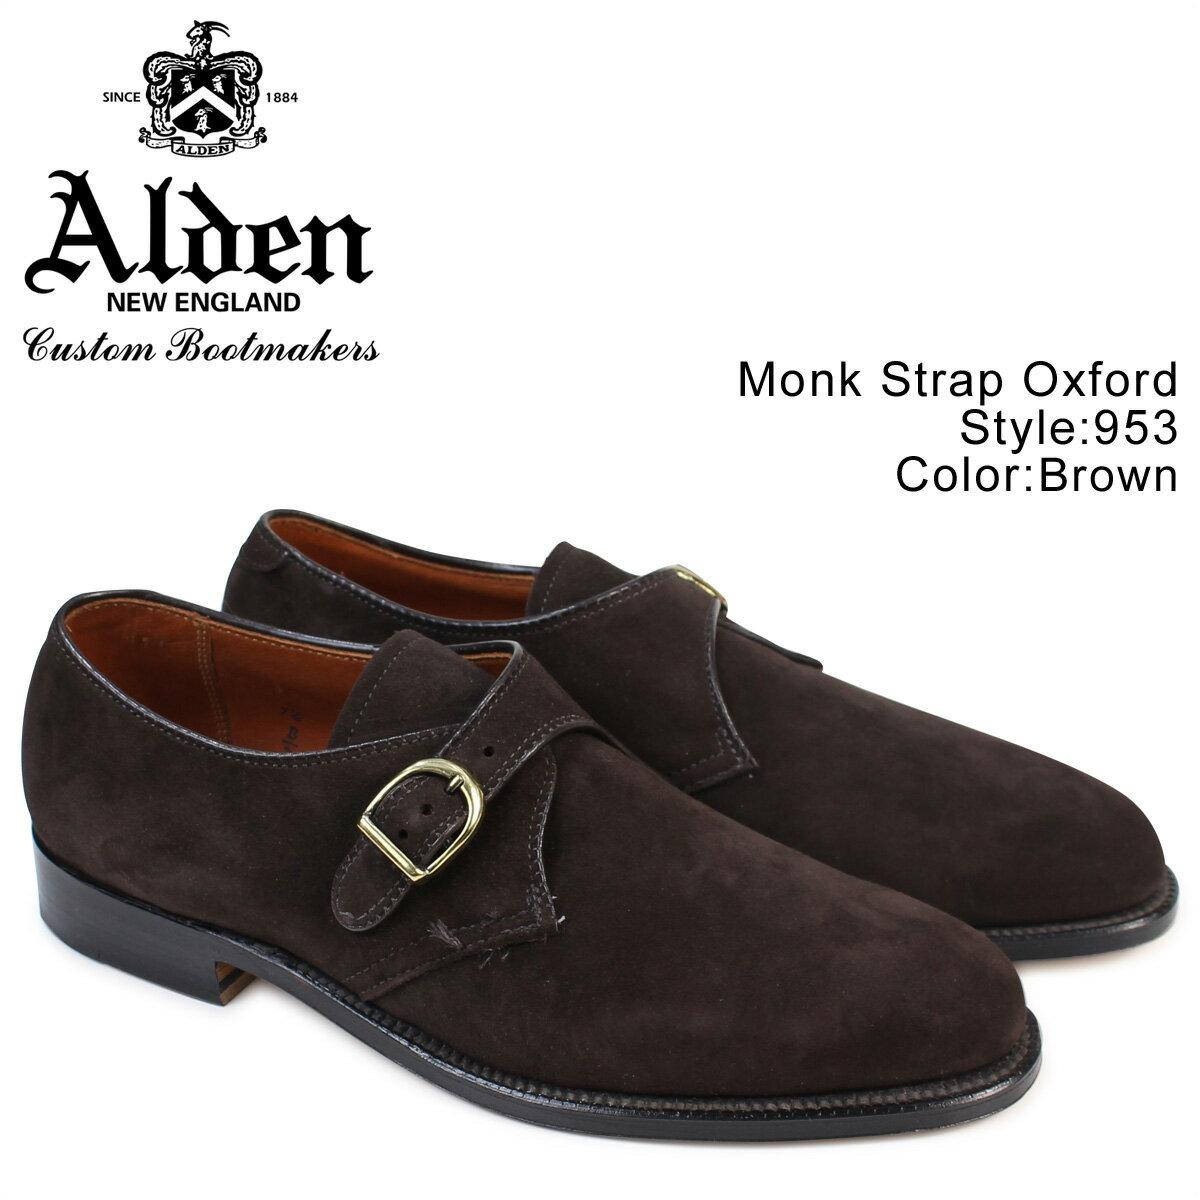 ALDEN オールデン モンクシューズ メンズ  MONK STRAP OXFORD Dワイズ  953:スニークオンラインショップ